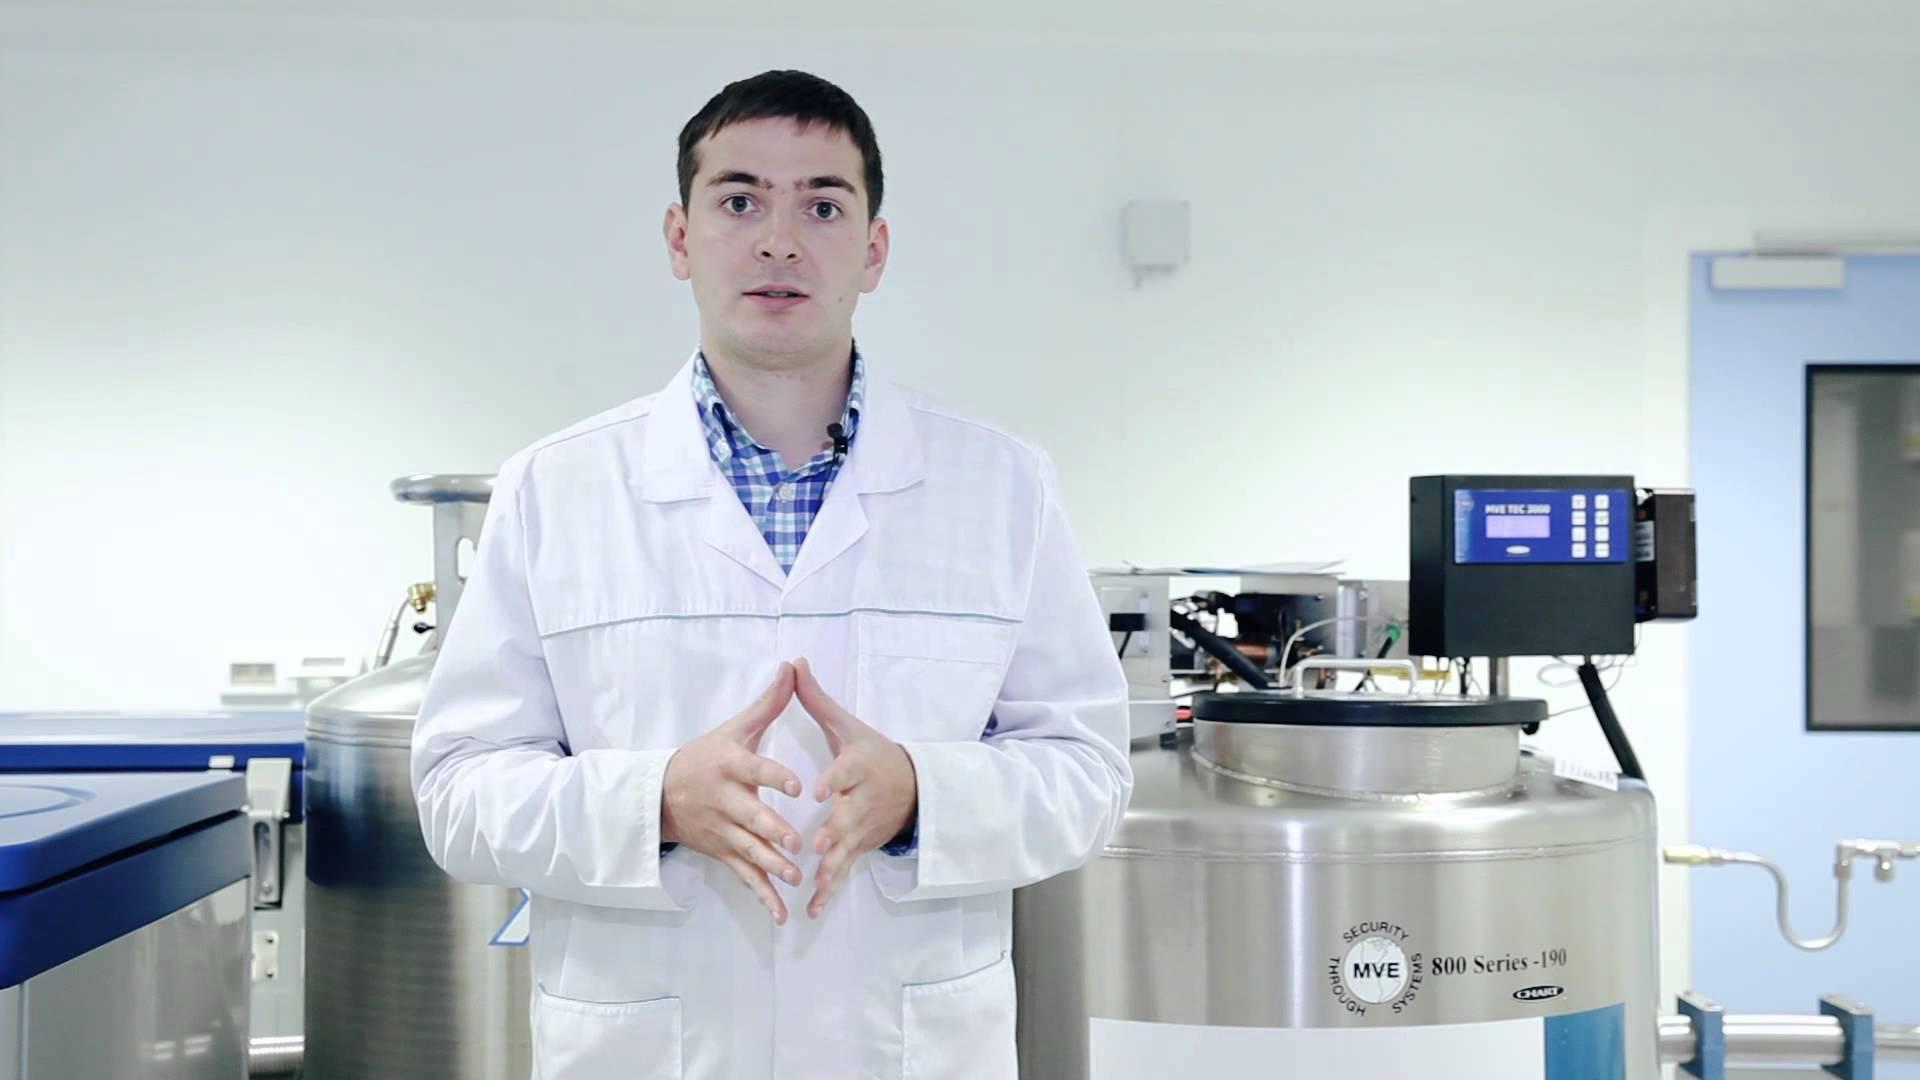 Скользнула одной банк спермы украина